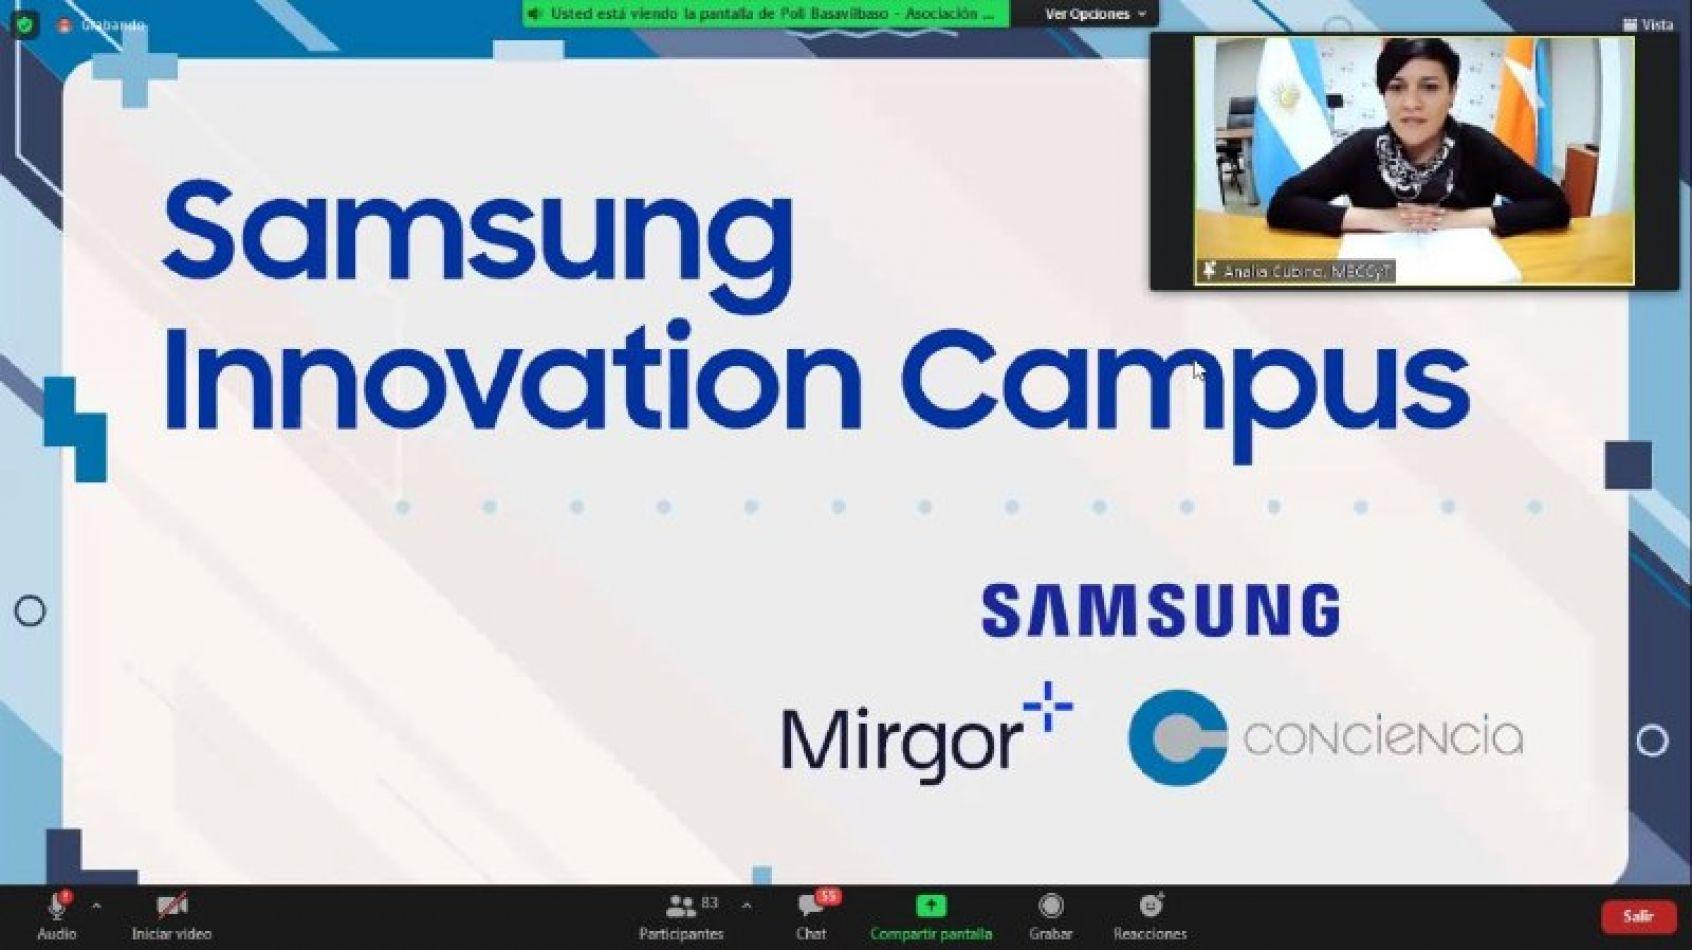 Provincia y Samsung lanzaron el Innovation Campus en Tierra del Fuego